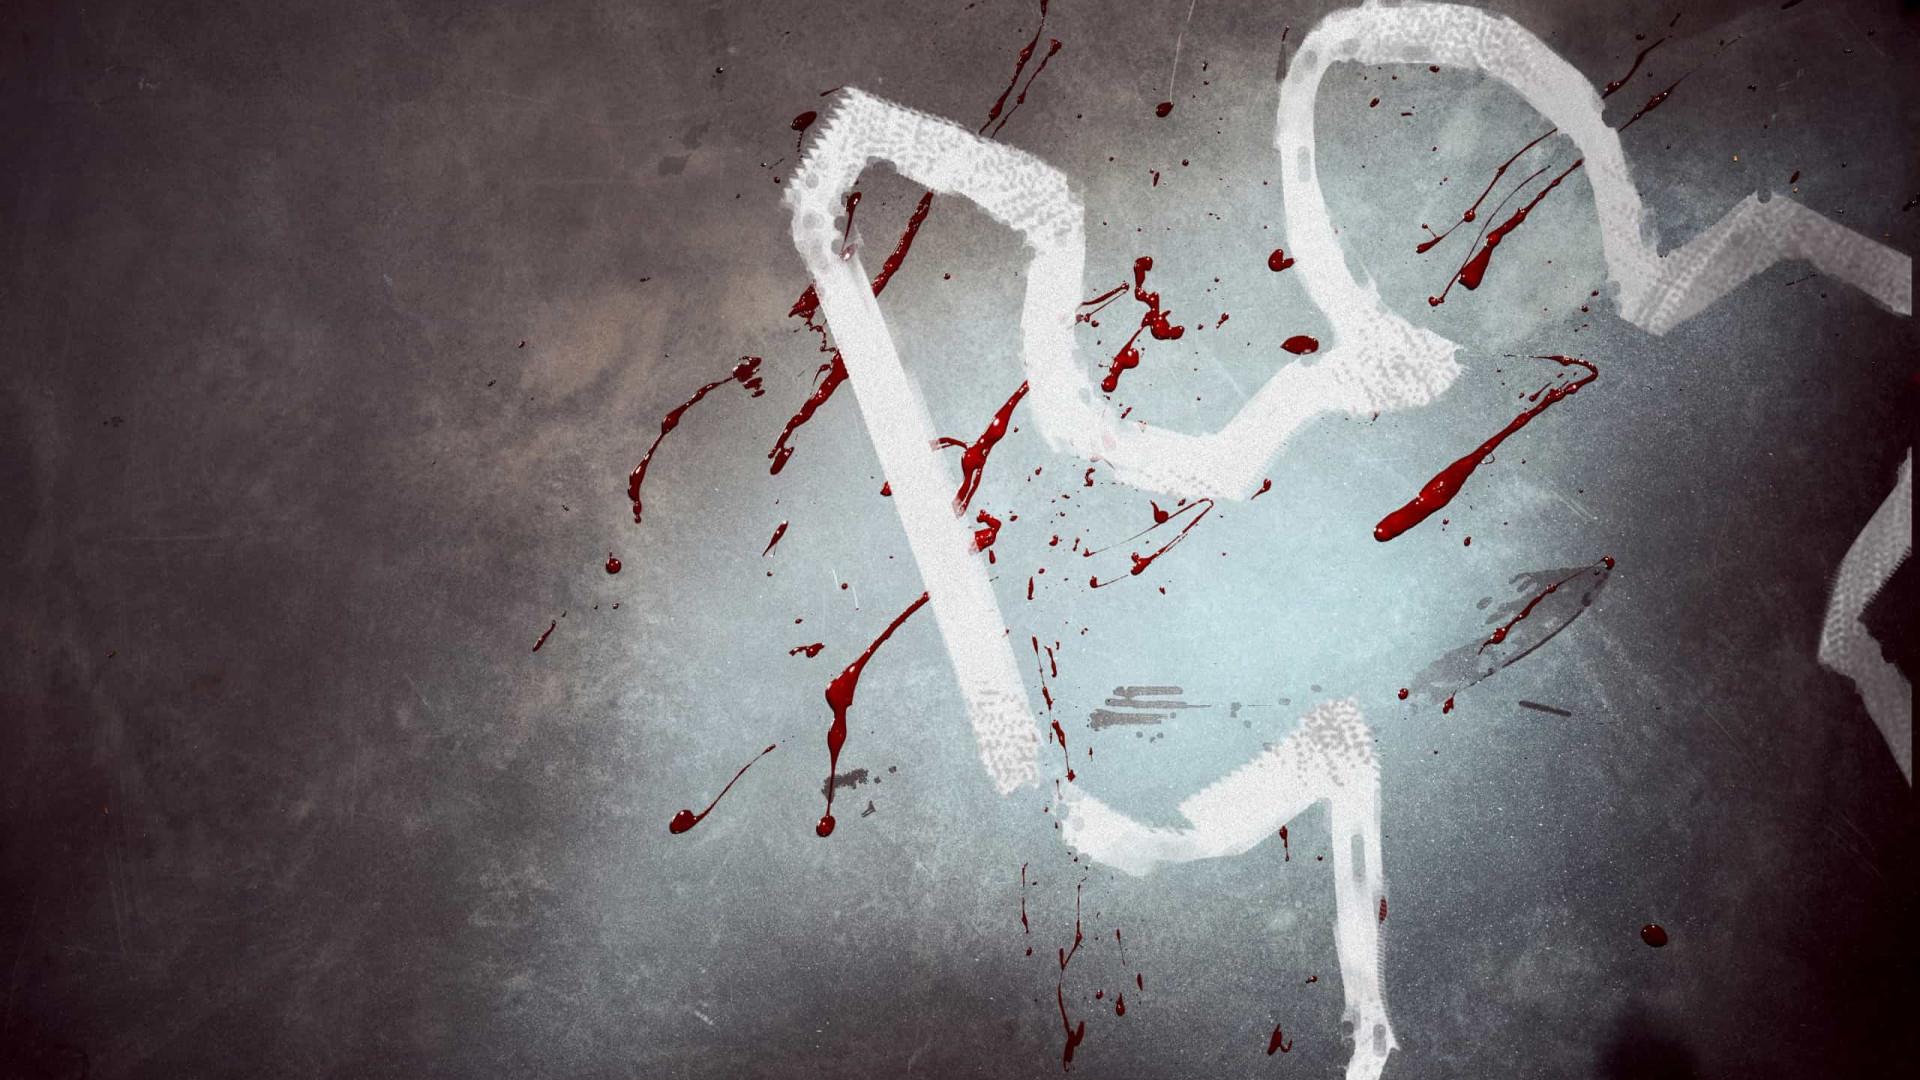 Polícia encontra corpo de mulher decapitado na zona leste de SP